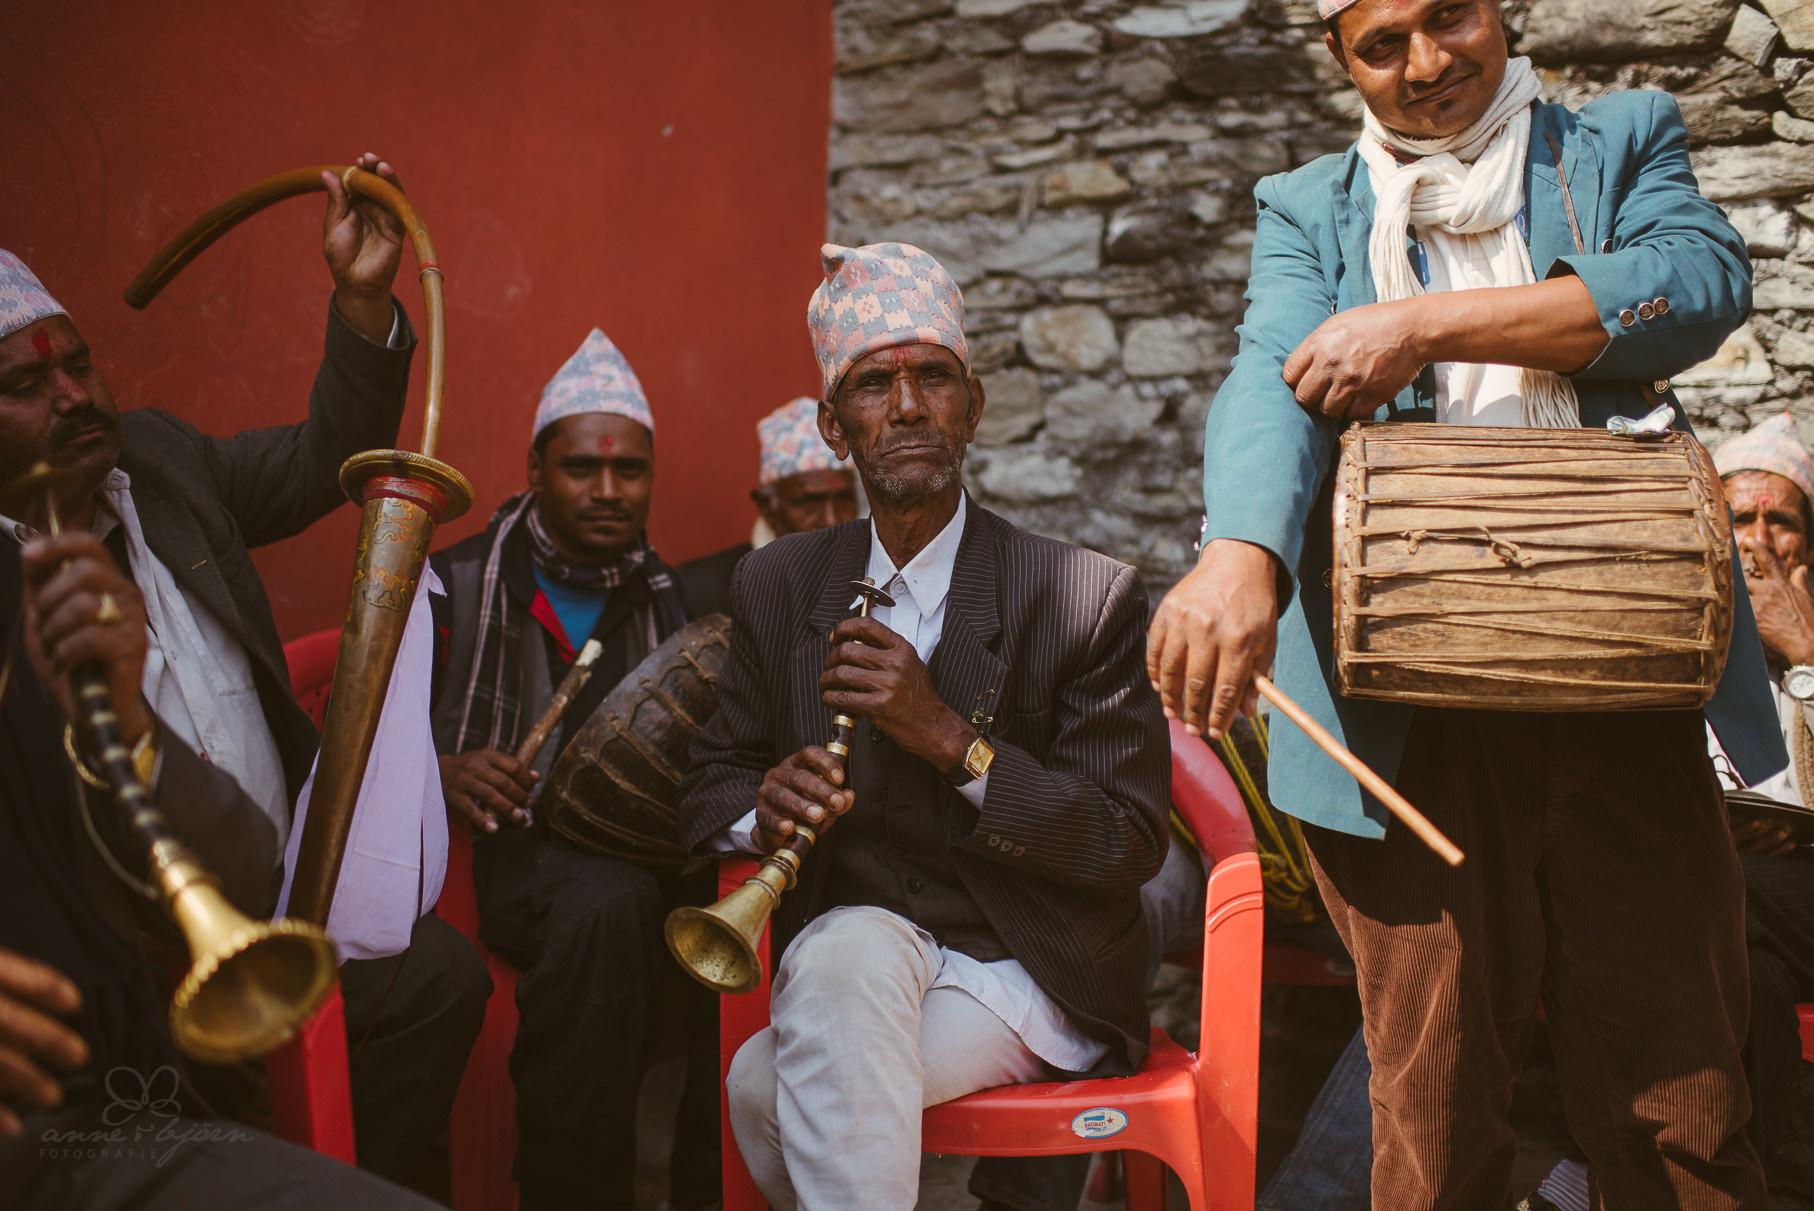 0019 anne und bjoern chitwan nationalpark nepal d75 3532 2 - Nepal Teil 3 - Roadtrip, Chitwan Nationalpark und eine spontane Hochzeit